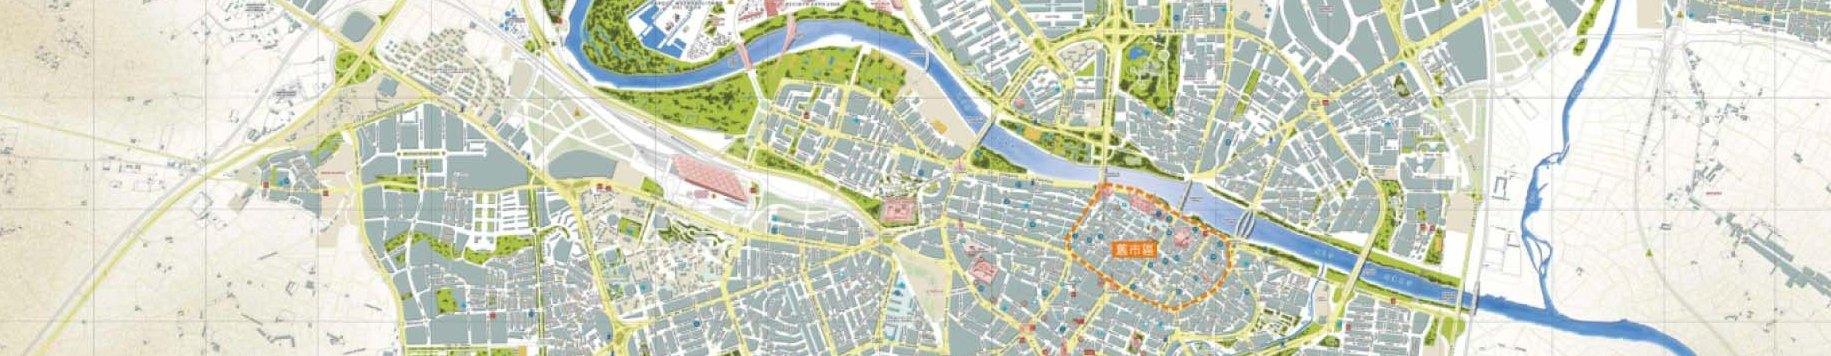 西班牙薩拉戈薩(Zaragoza)與台南城市願景對話工作坊